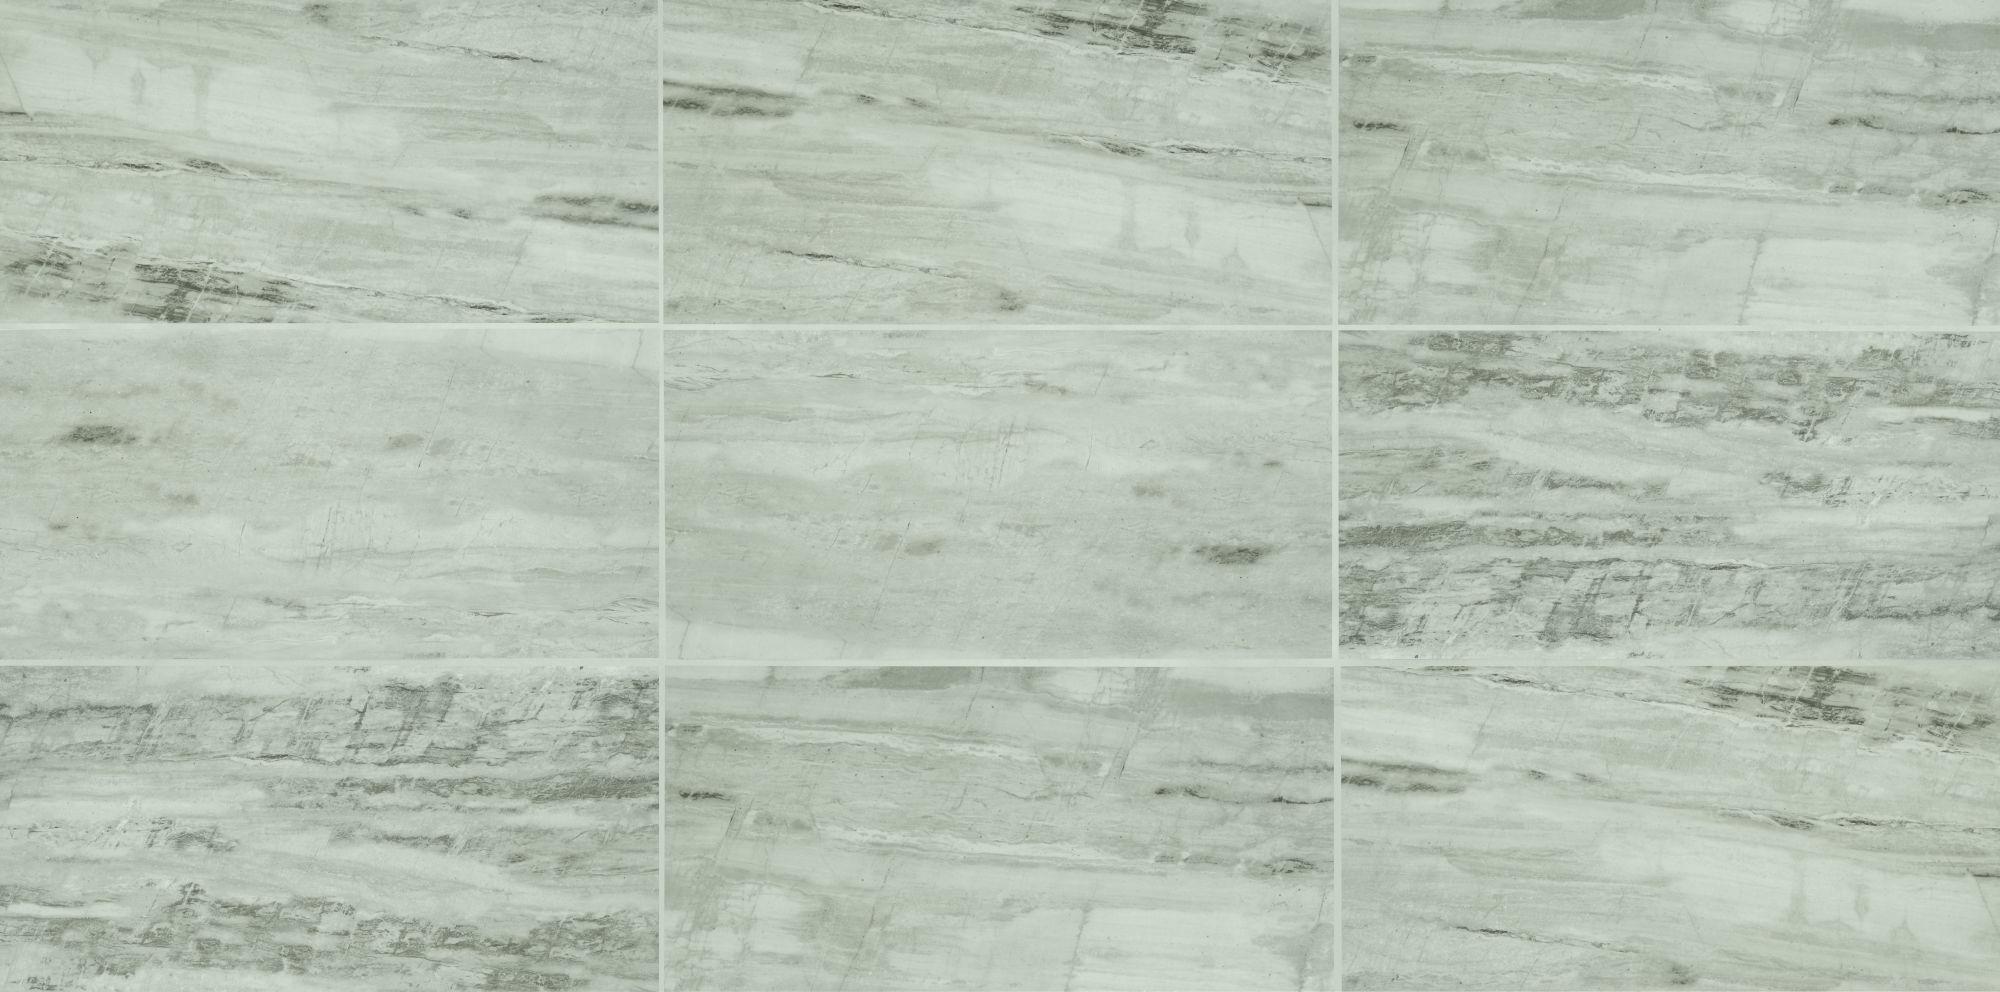 Daltile Rm624p River Marble 23 3 8 X 5 Rectangle Wall Floor Tile Unp